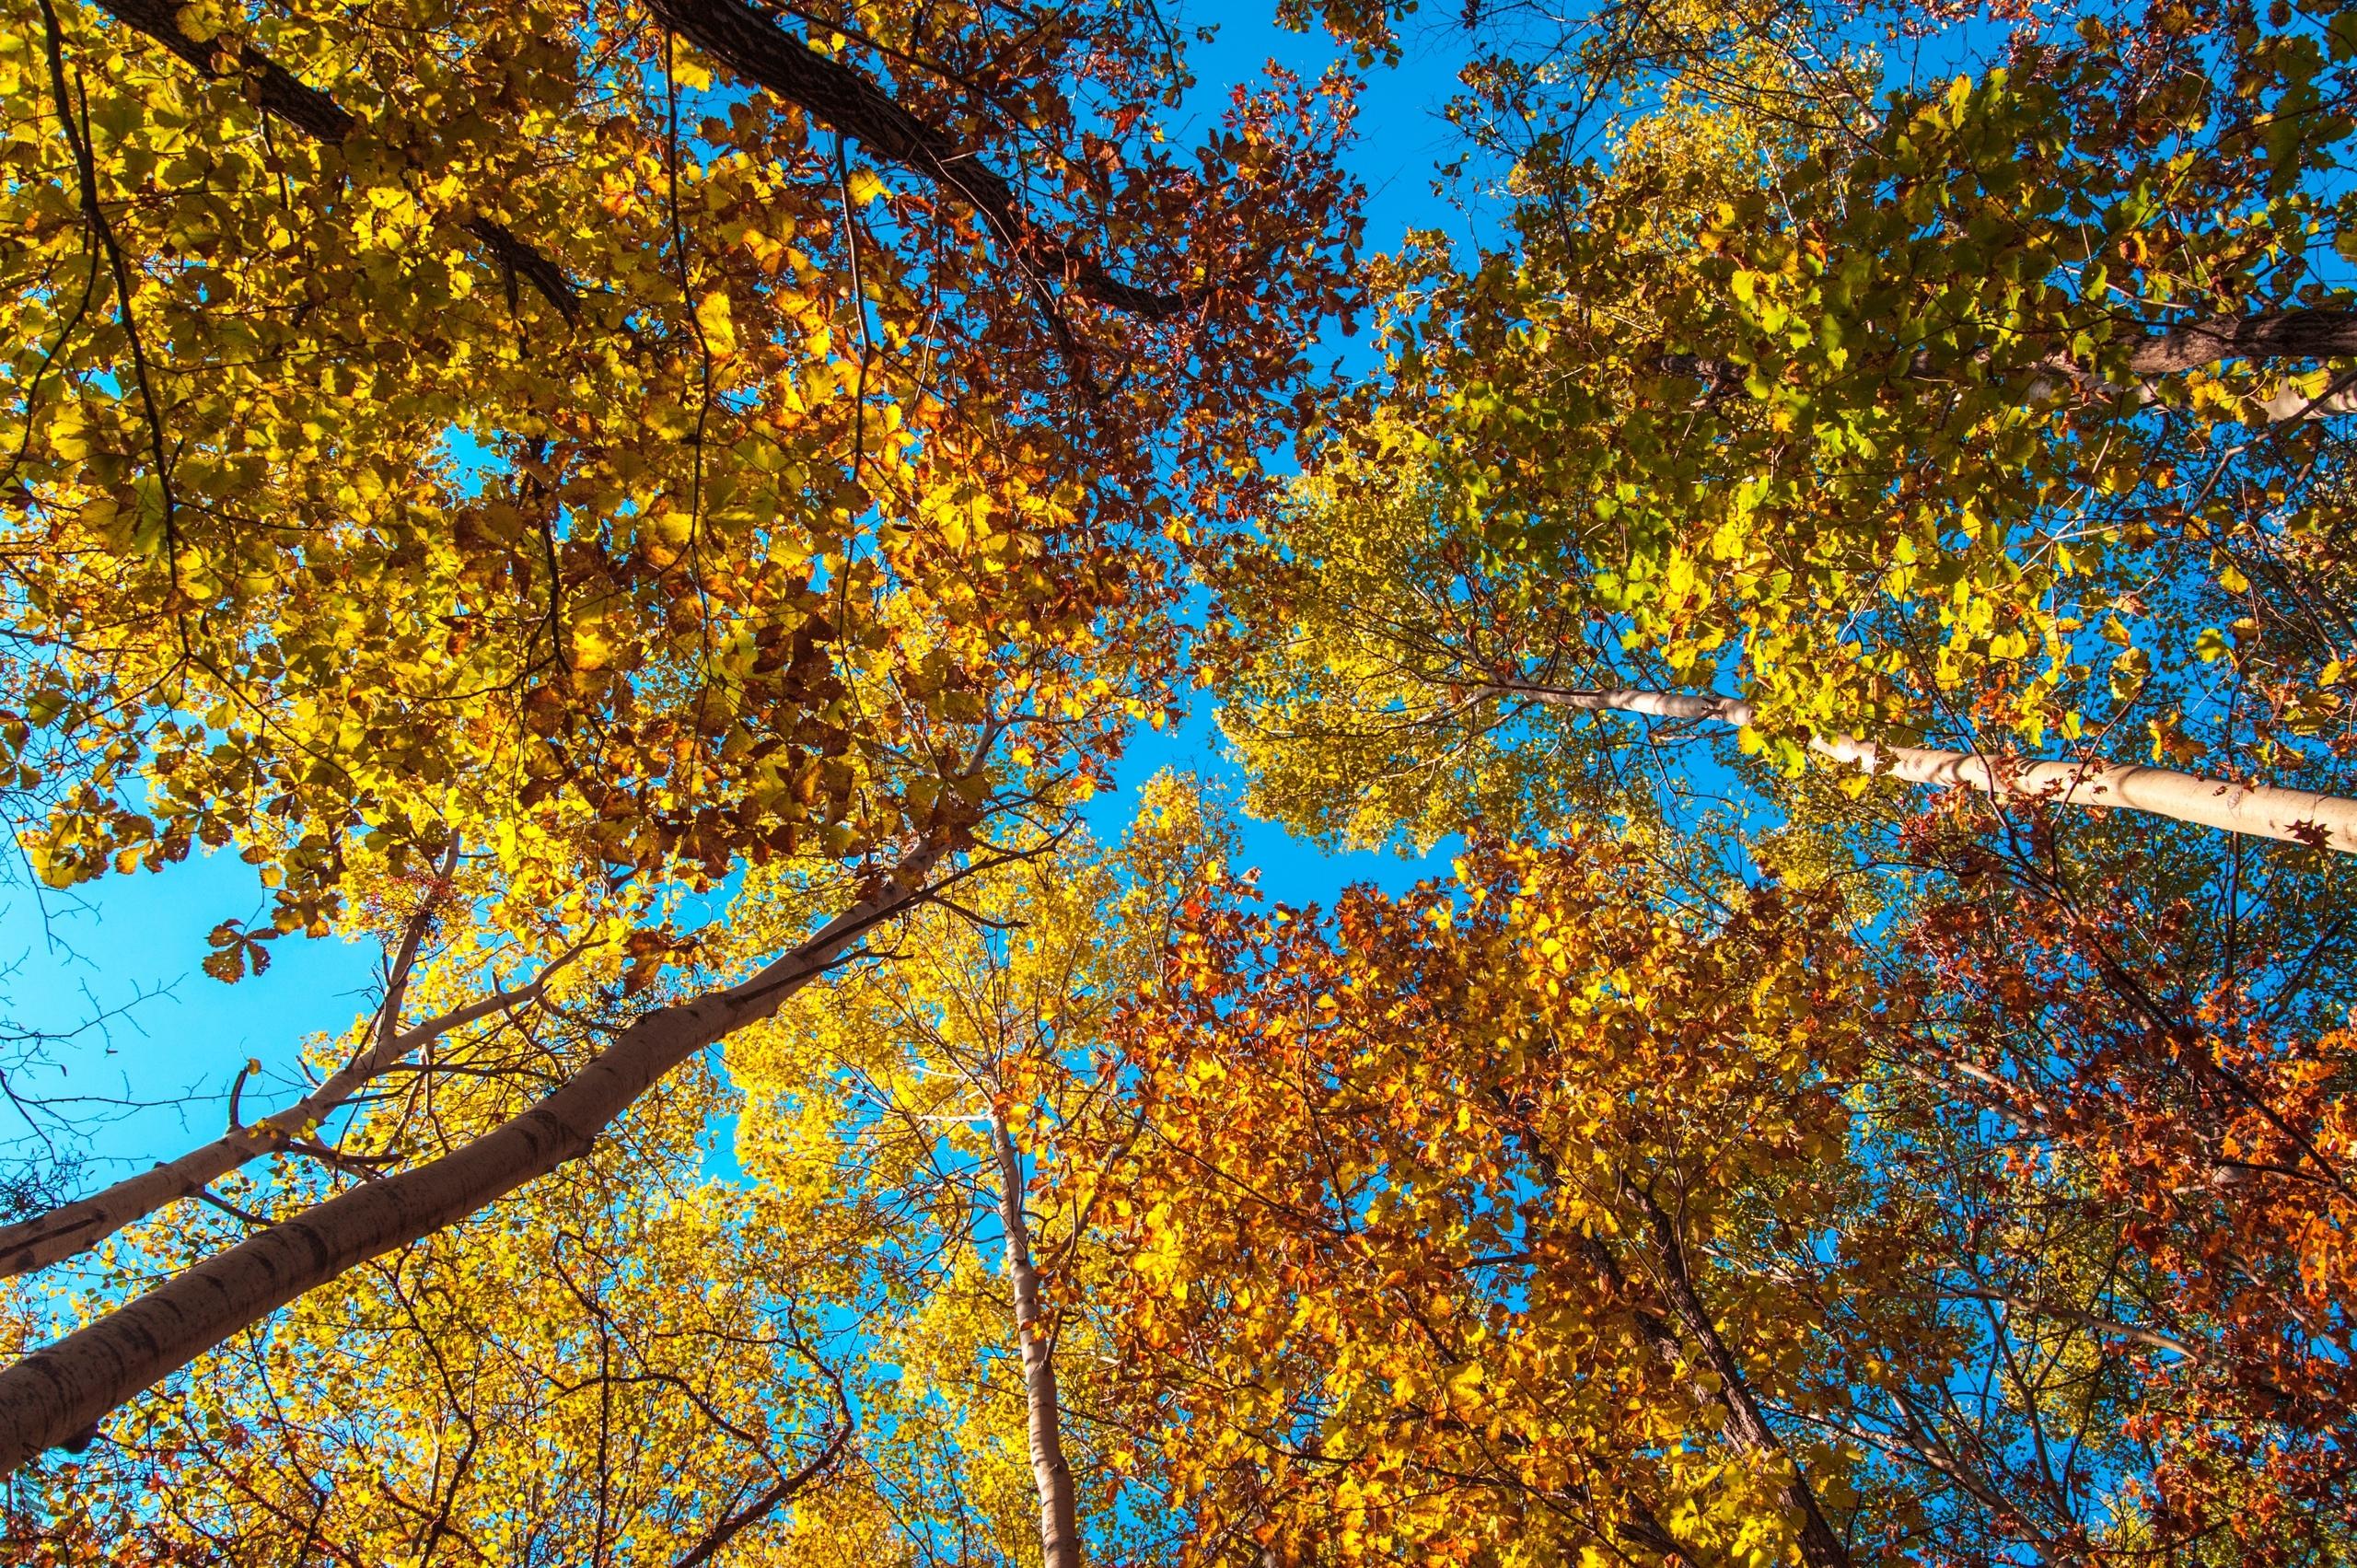 Жаркий октябрь: какая погода ждет сегодня крымчан и севастопольцев (прогноз на 17 октября)